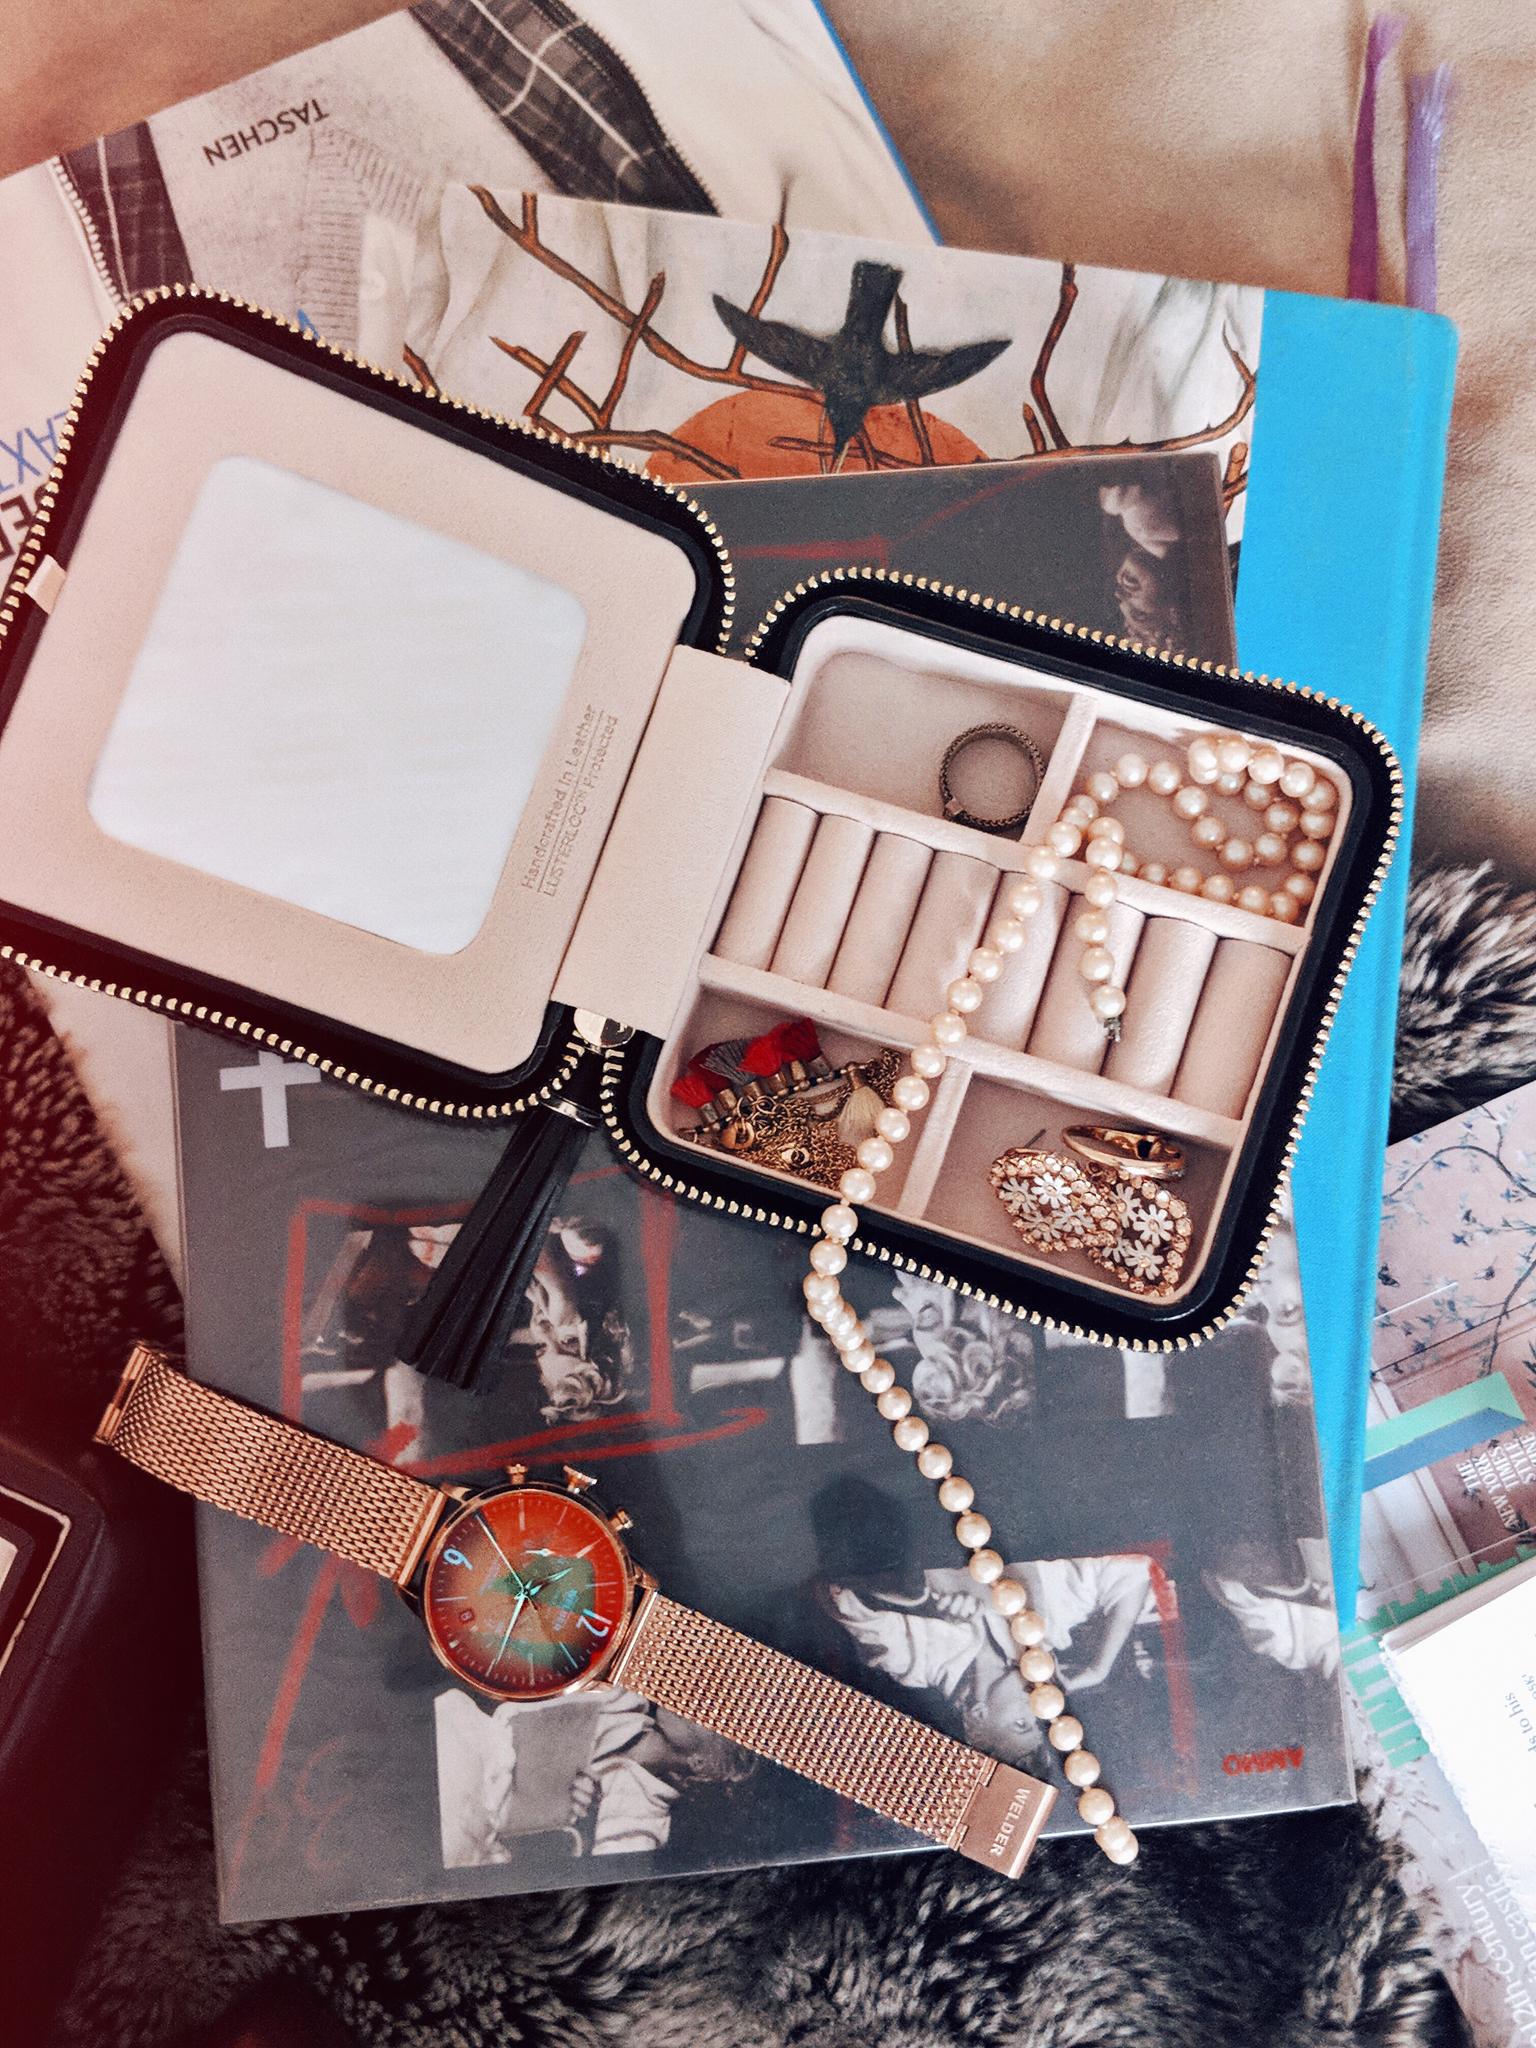 Mini jewelry travel case